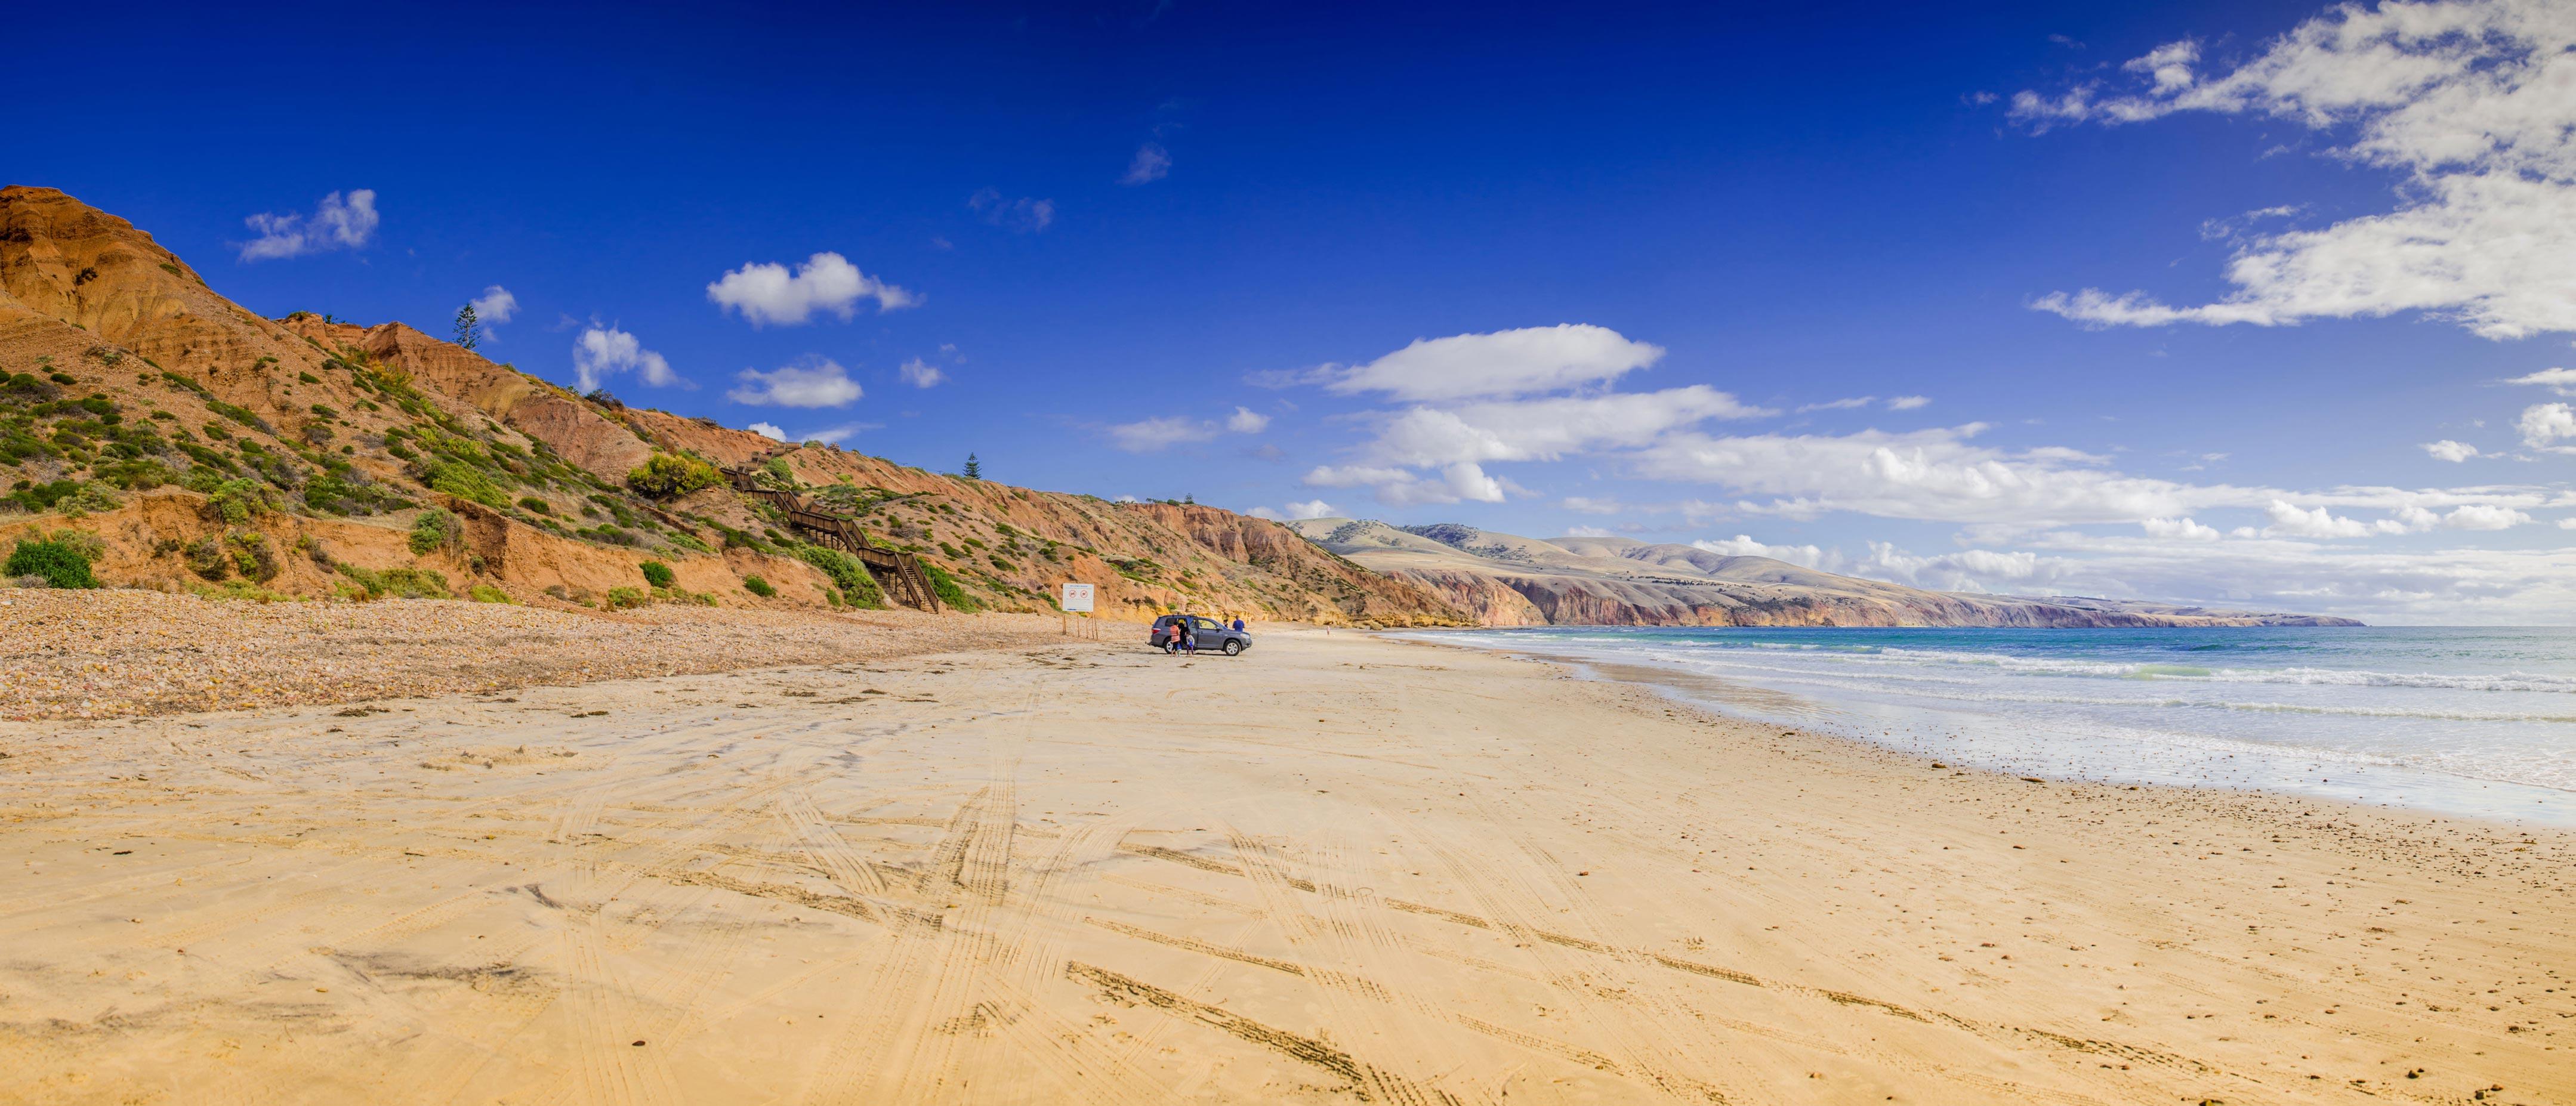 Paesaggi-Australia - DSC 4289  - South Australia, Sellicks Beach - South Australia, Sellicks Beach